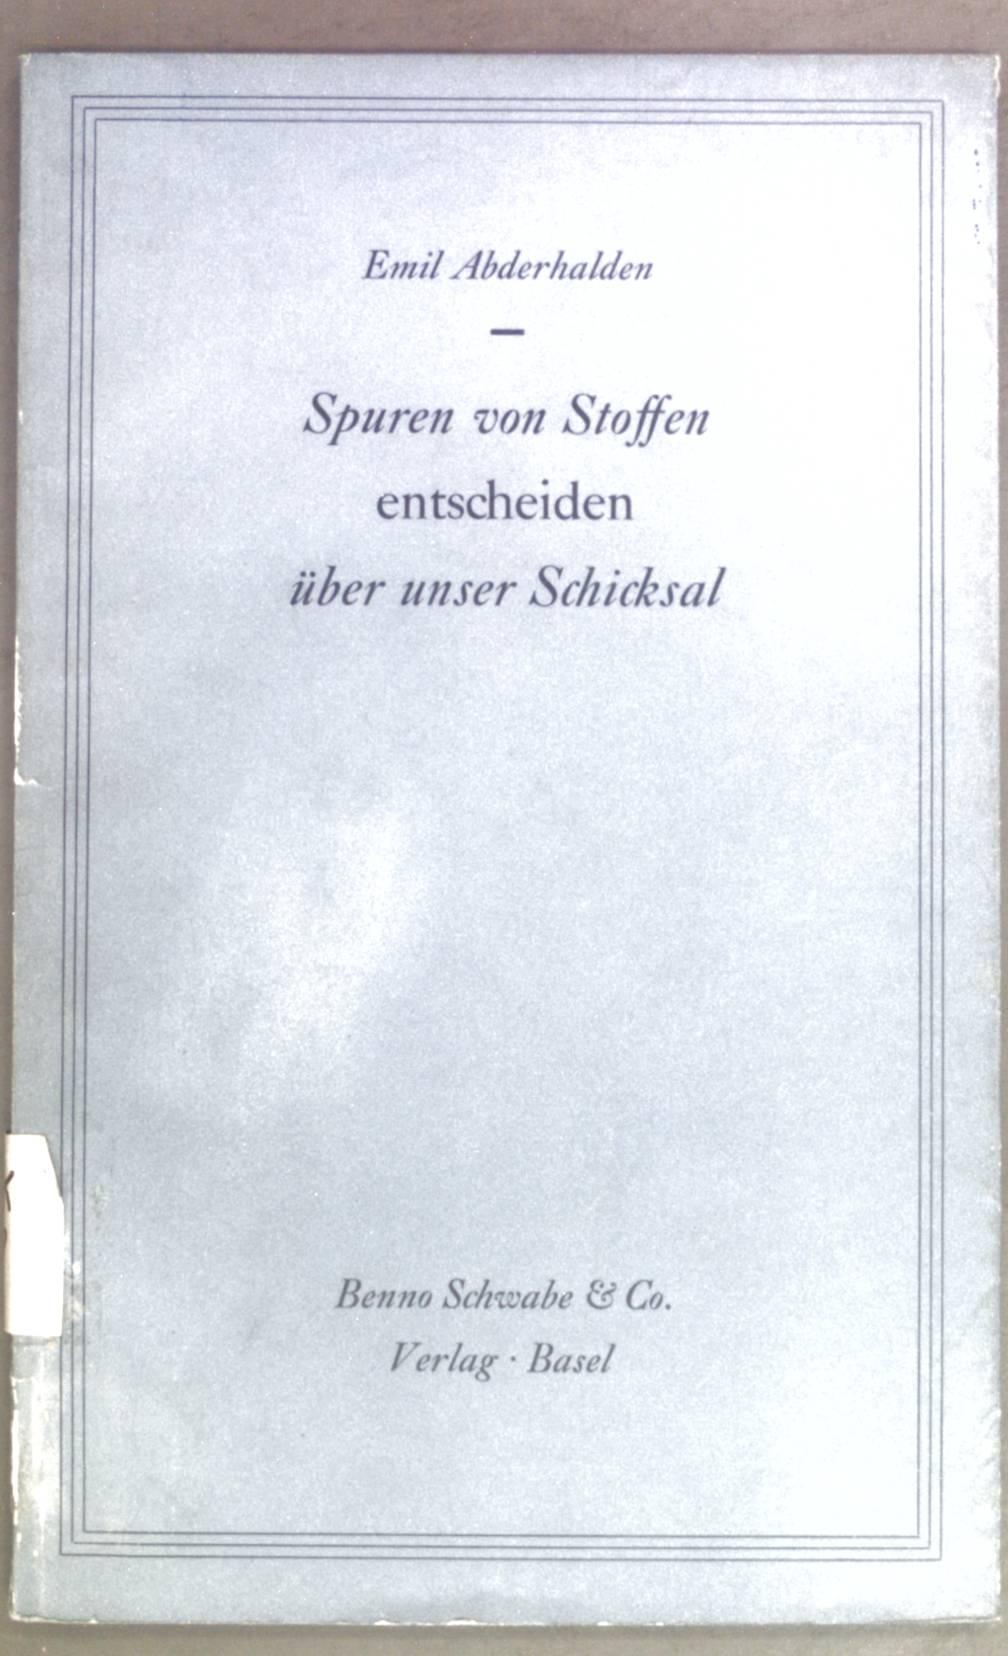 Spuren von Stoffen entscheiden über unser Schicksal.: Abderhalden, Emil: